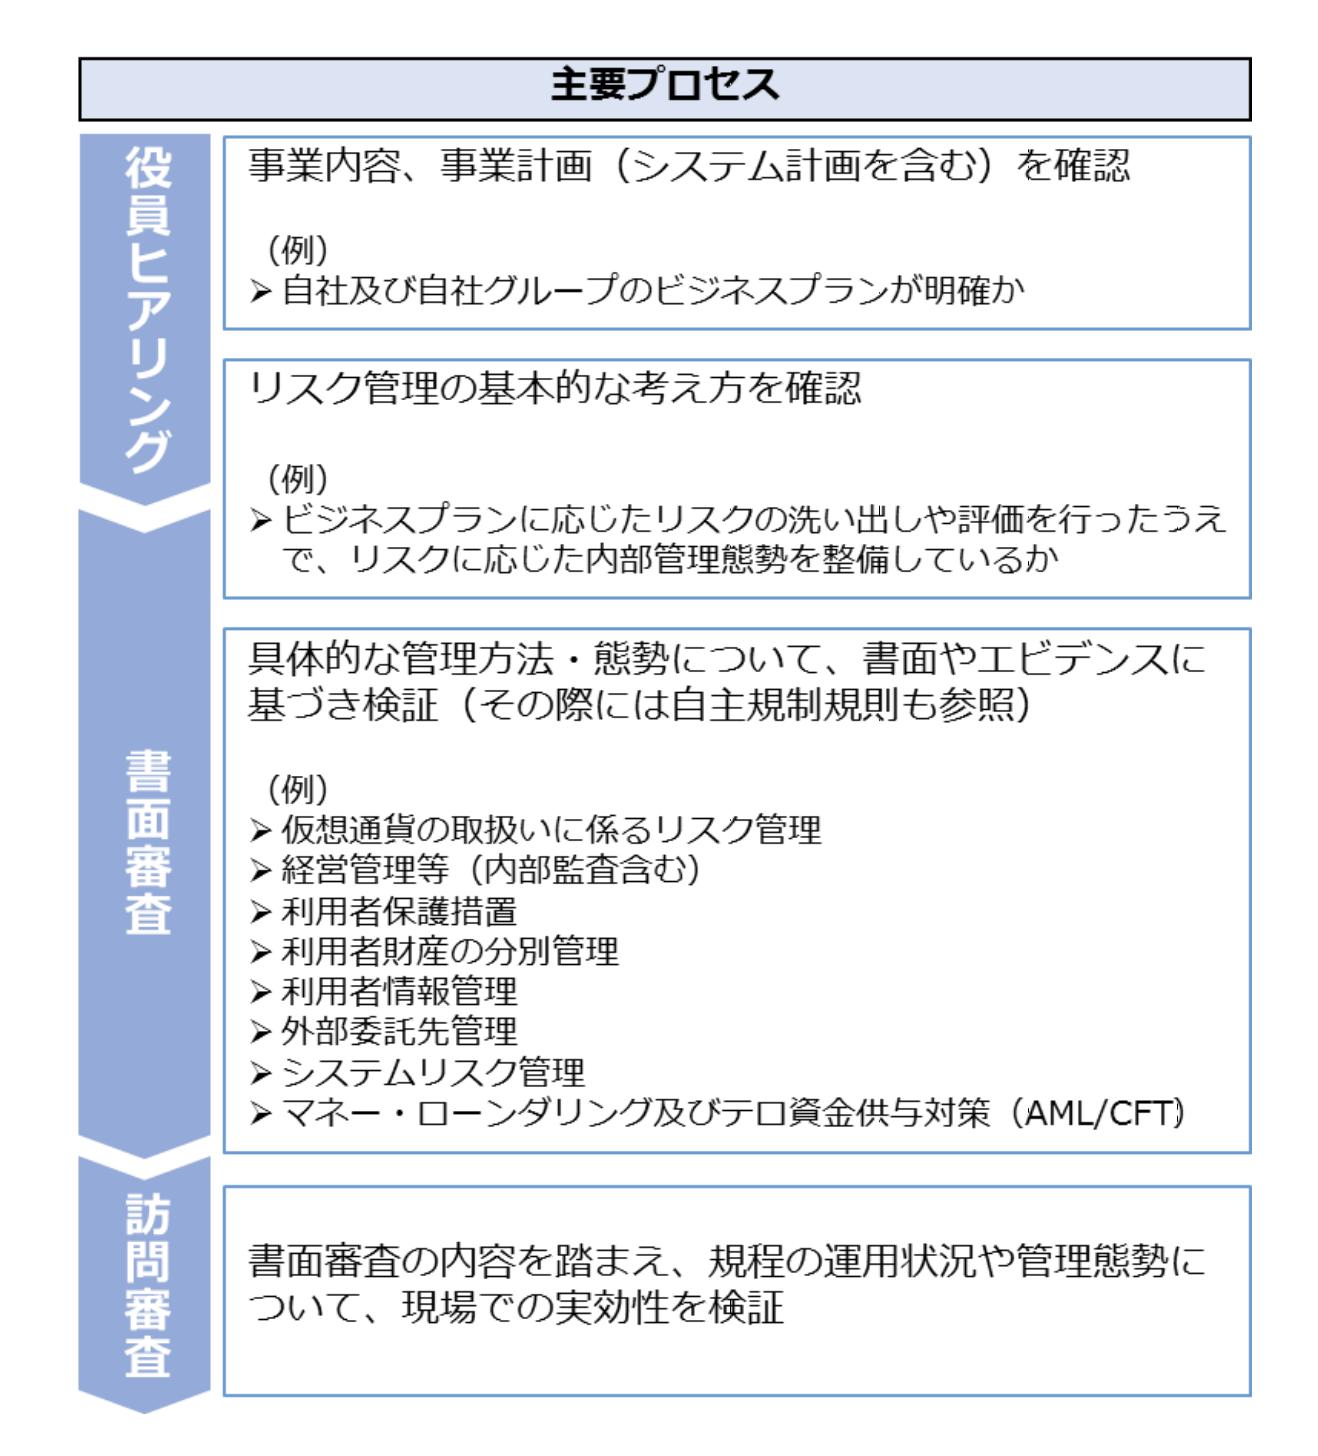 仮想通貨交換業の登録審査方法等資料